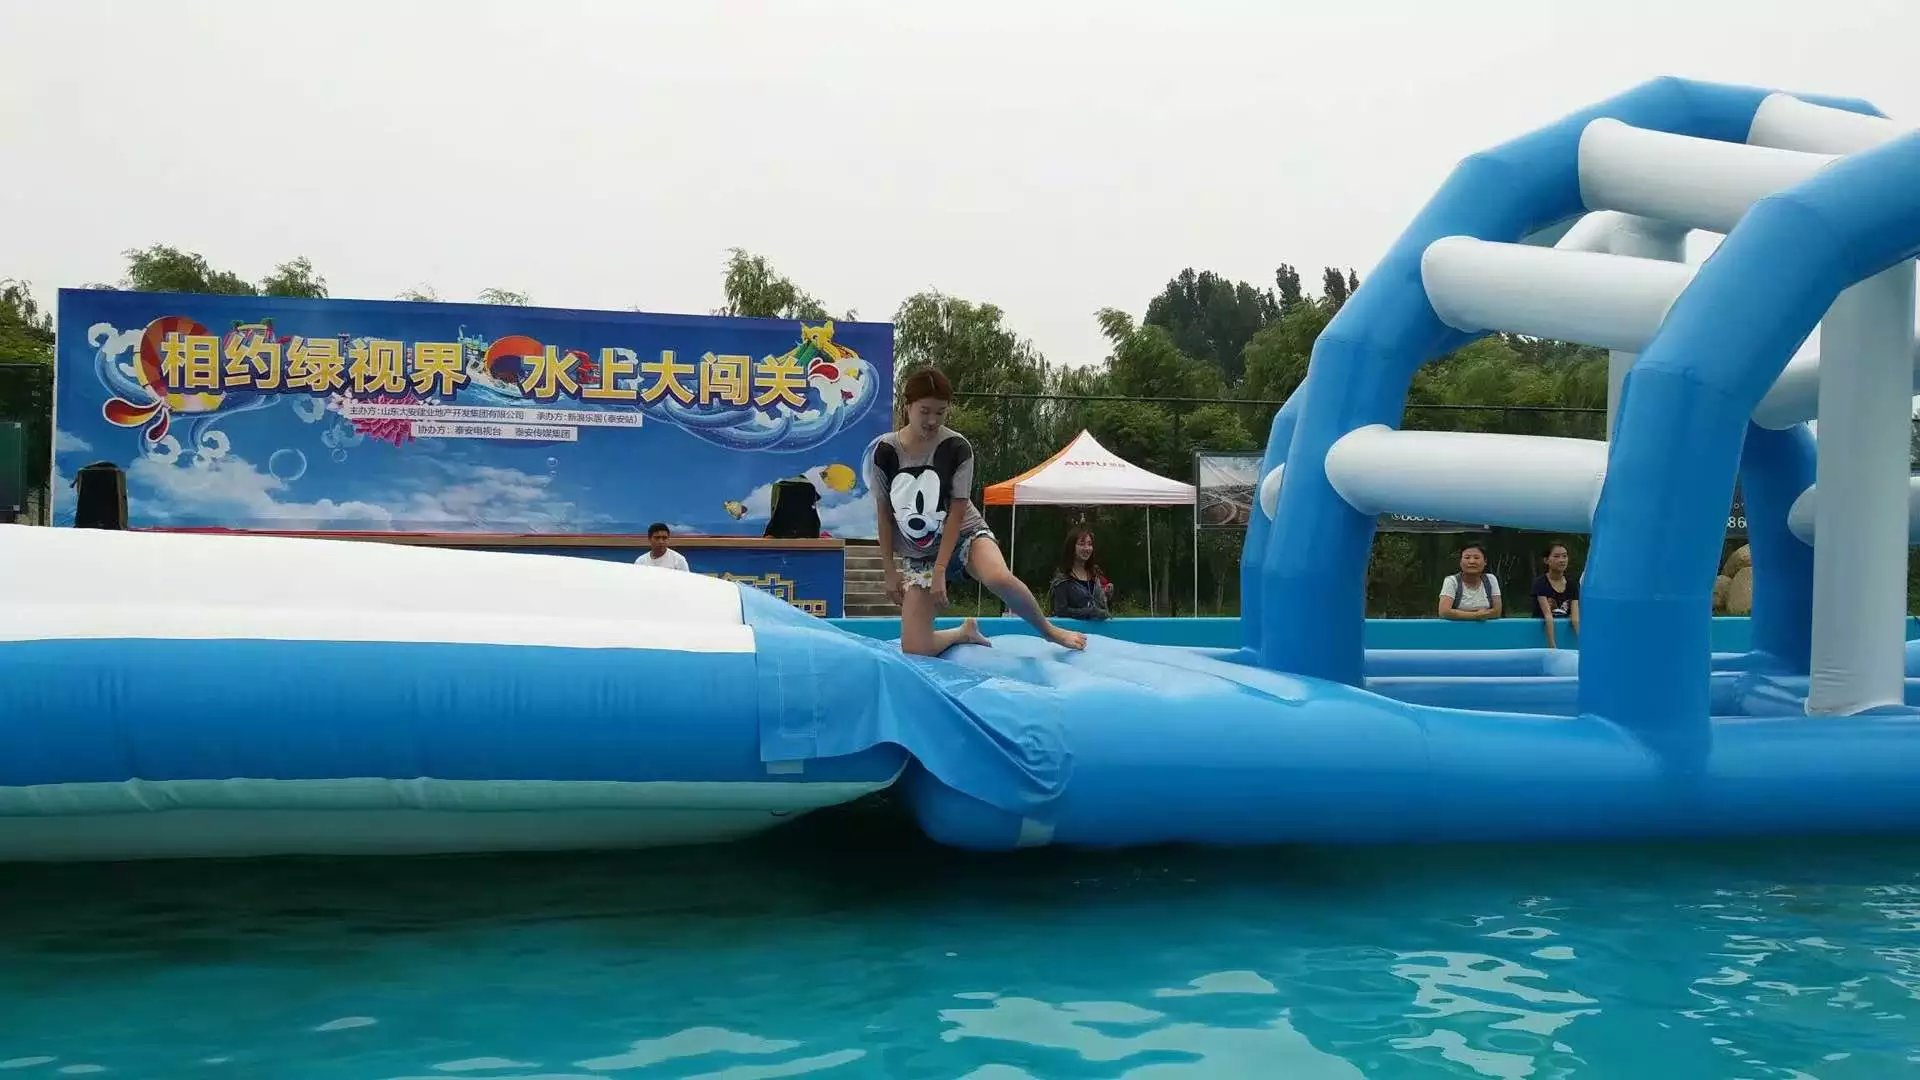 供应三亚娱乐售票水上冲关租赁儿童水上乐园出租水上冲关乐园多以青少年为主要参与对象,选手需运用钻、爬、骑、沿、穿、滑、跳等动作顺利通过每个关卡。 水上冲关乐园包含的关卡有:蜻蜓点水、手忙脚乱、太空漫步、鱼跃龙门、孤炷一跳、步步惊心、勇攀高峰。 适合场所 水上冲关乐园经营场所和方式多种多样,既可用于游乐园、度假村、景区、主题公园、体育馆等日常经营活动;也可与房地产商、商场、广播电视媒体合作为吸引人气举办各种促销及冲关活动等市场上眼花缭乱的推广方式让我们震惊,选择一款合适大众的推广方案不觉让相关人员犯了愁。推广